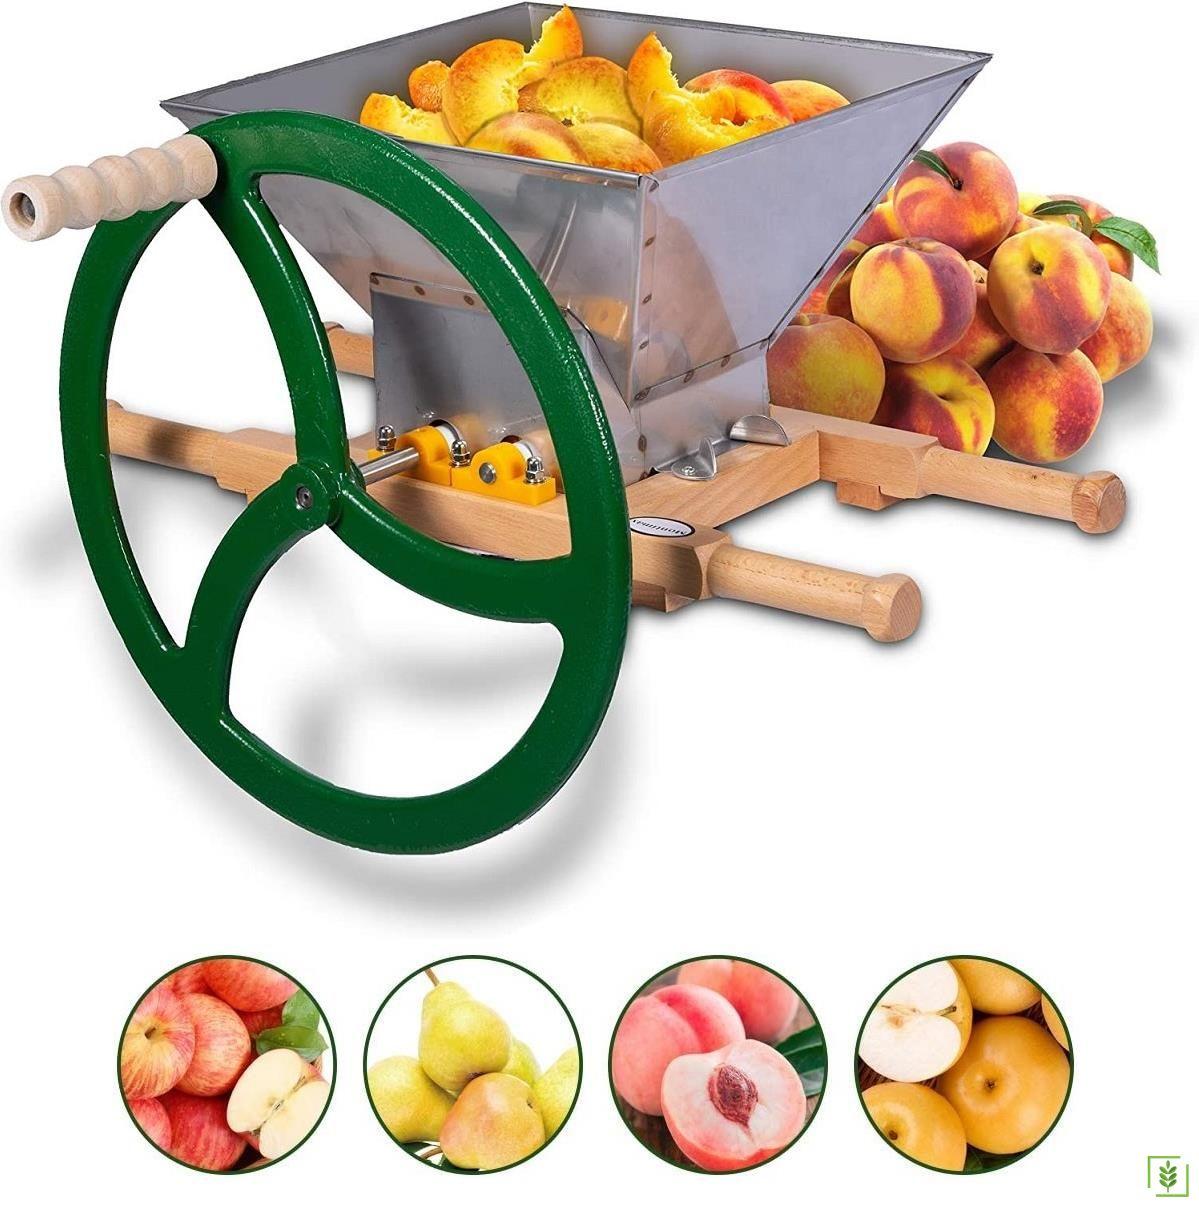 Fenglin CLA 7L Meyve Parçalama Makinesi, Meyve Değirmeni 7 Lt